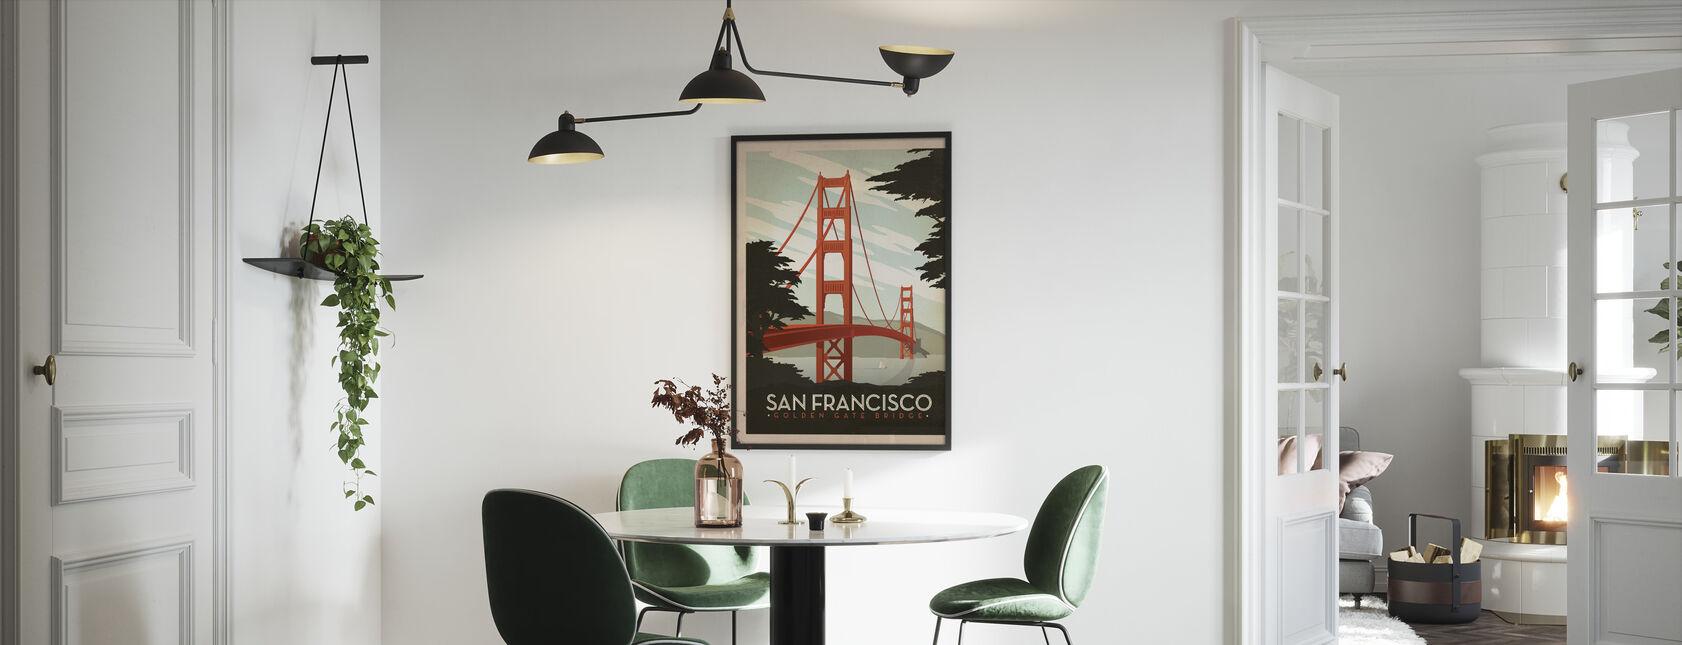 San Francisco - Framed print - Kitchen